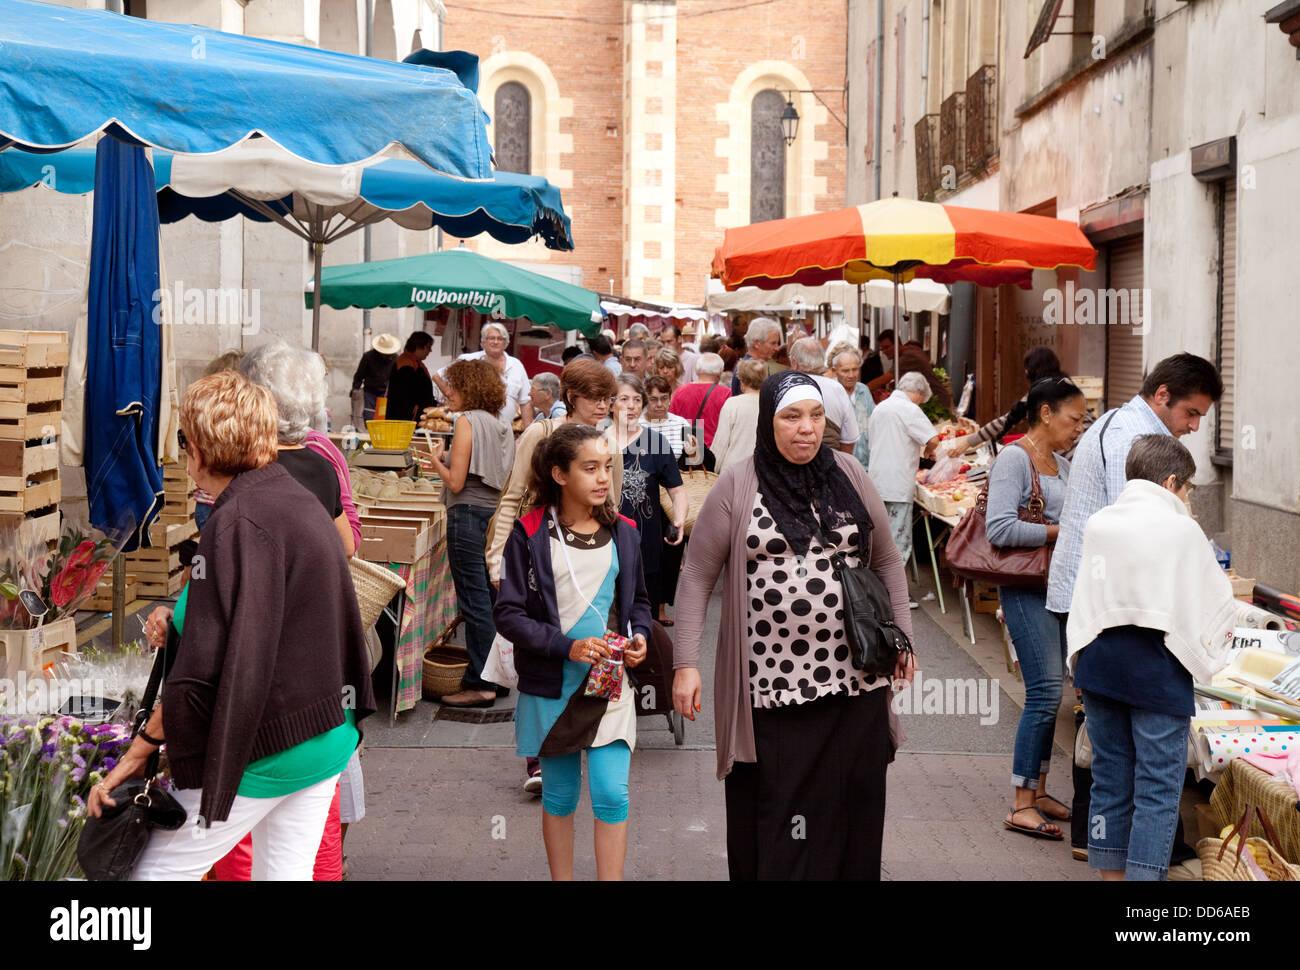 Une famille musulmane shopping dans un marché français, Ste Liverade sur Lot, Lot et Garonne, France Europe Photo Stock